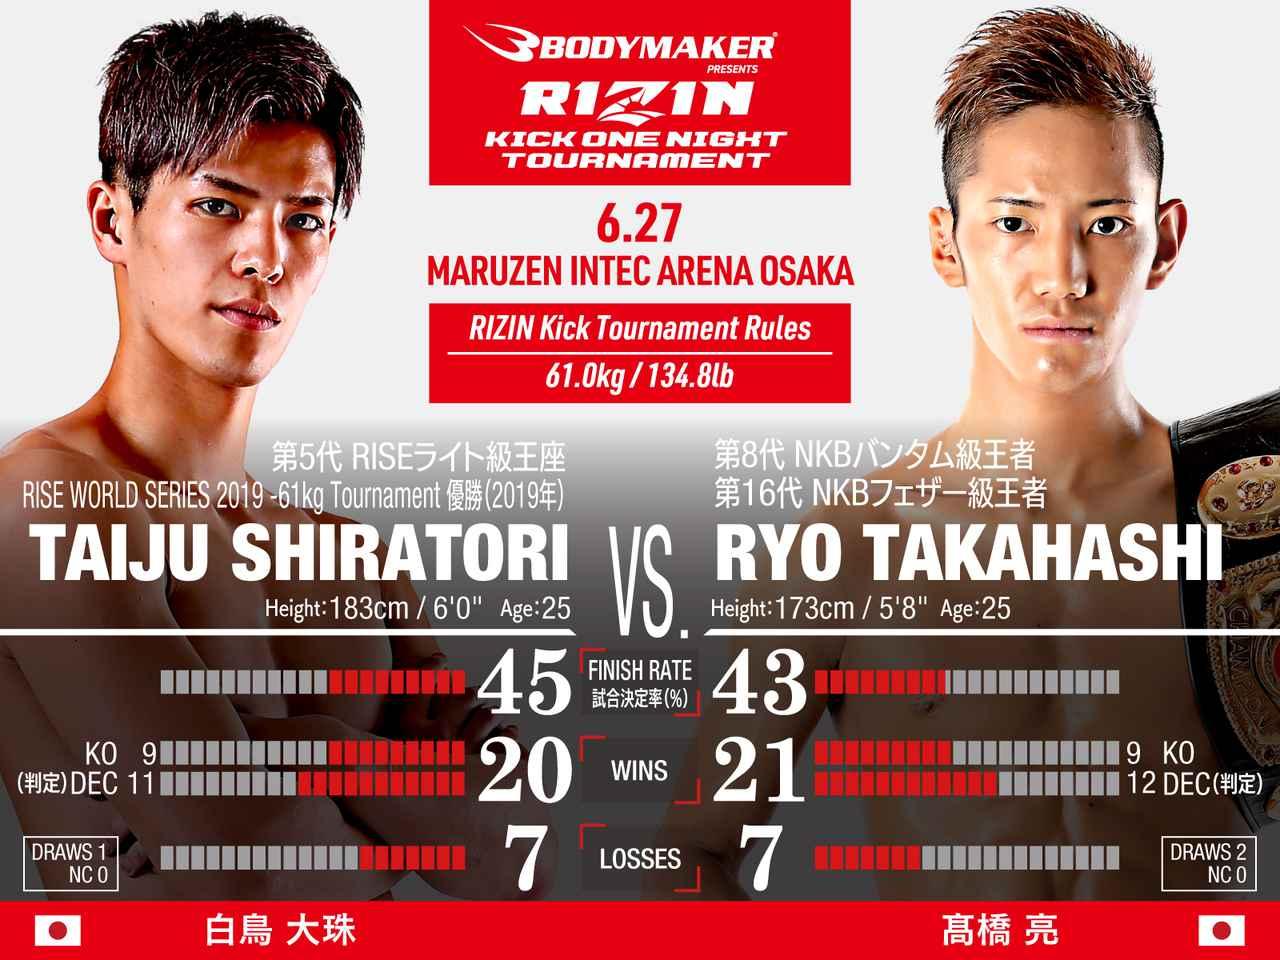 画像: BODYMAKER presents RIZIN KICKワンナイトトーナメント1回戦/ 白鳥大珠vs.髙橋亮